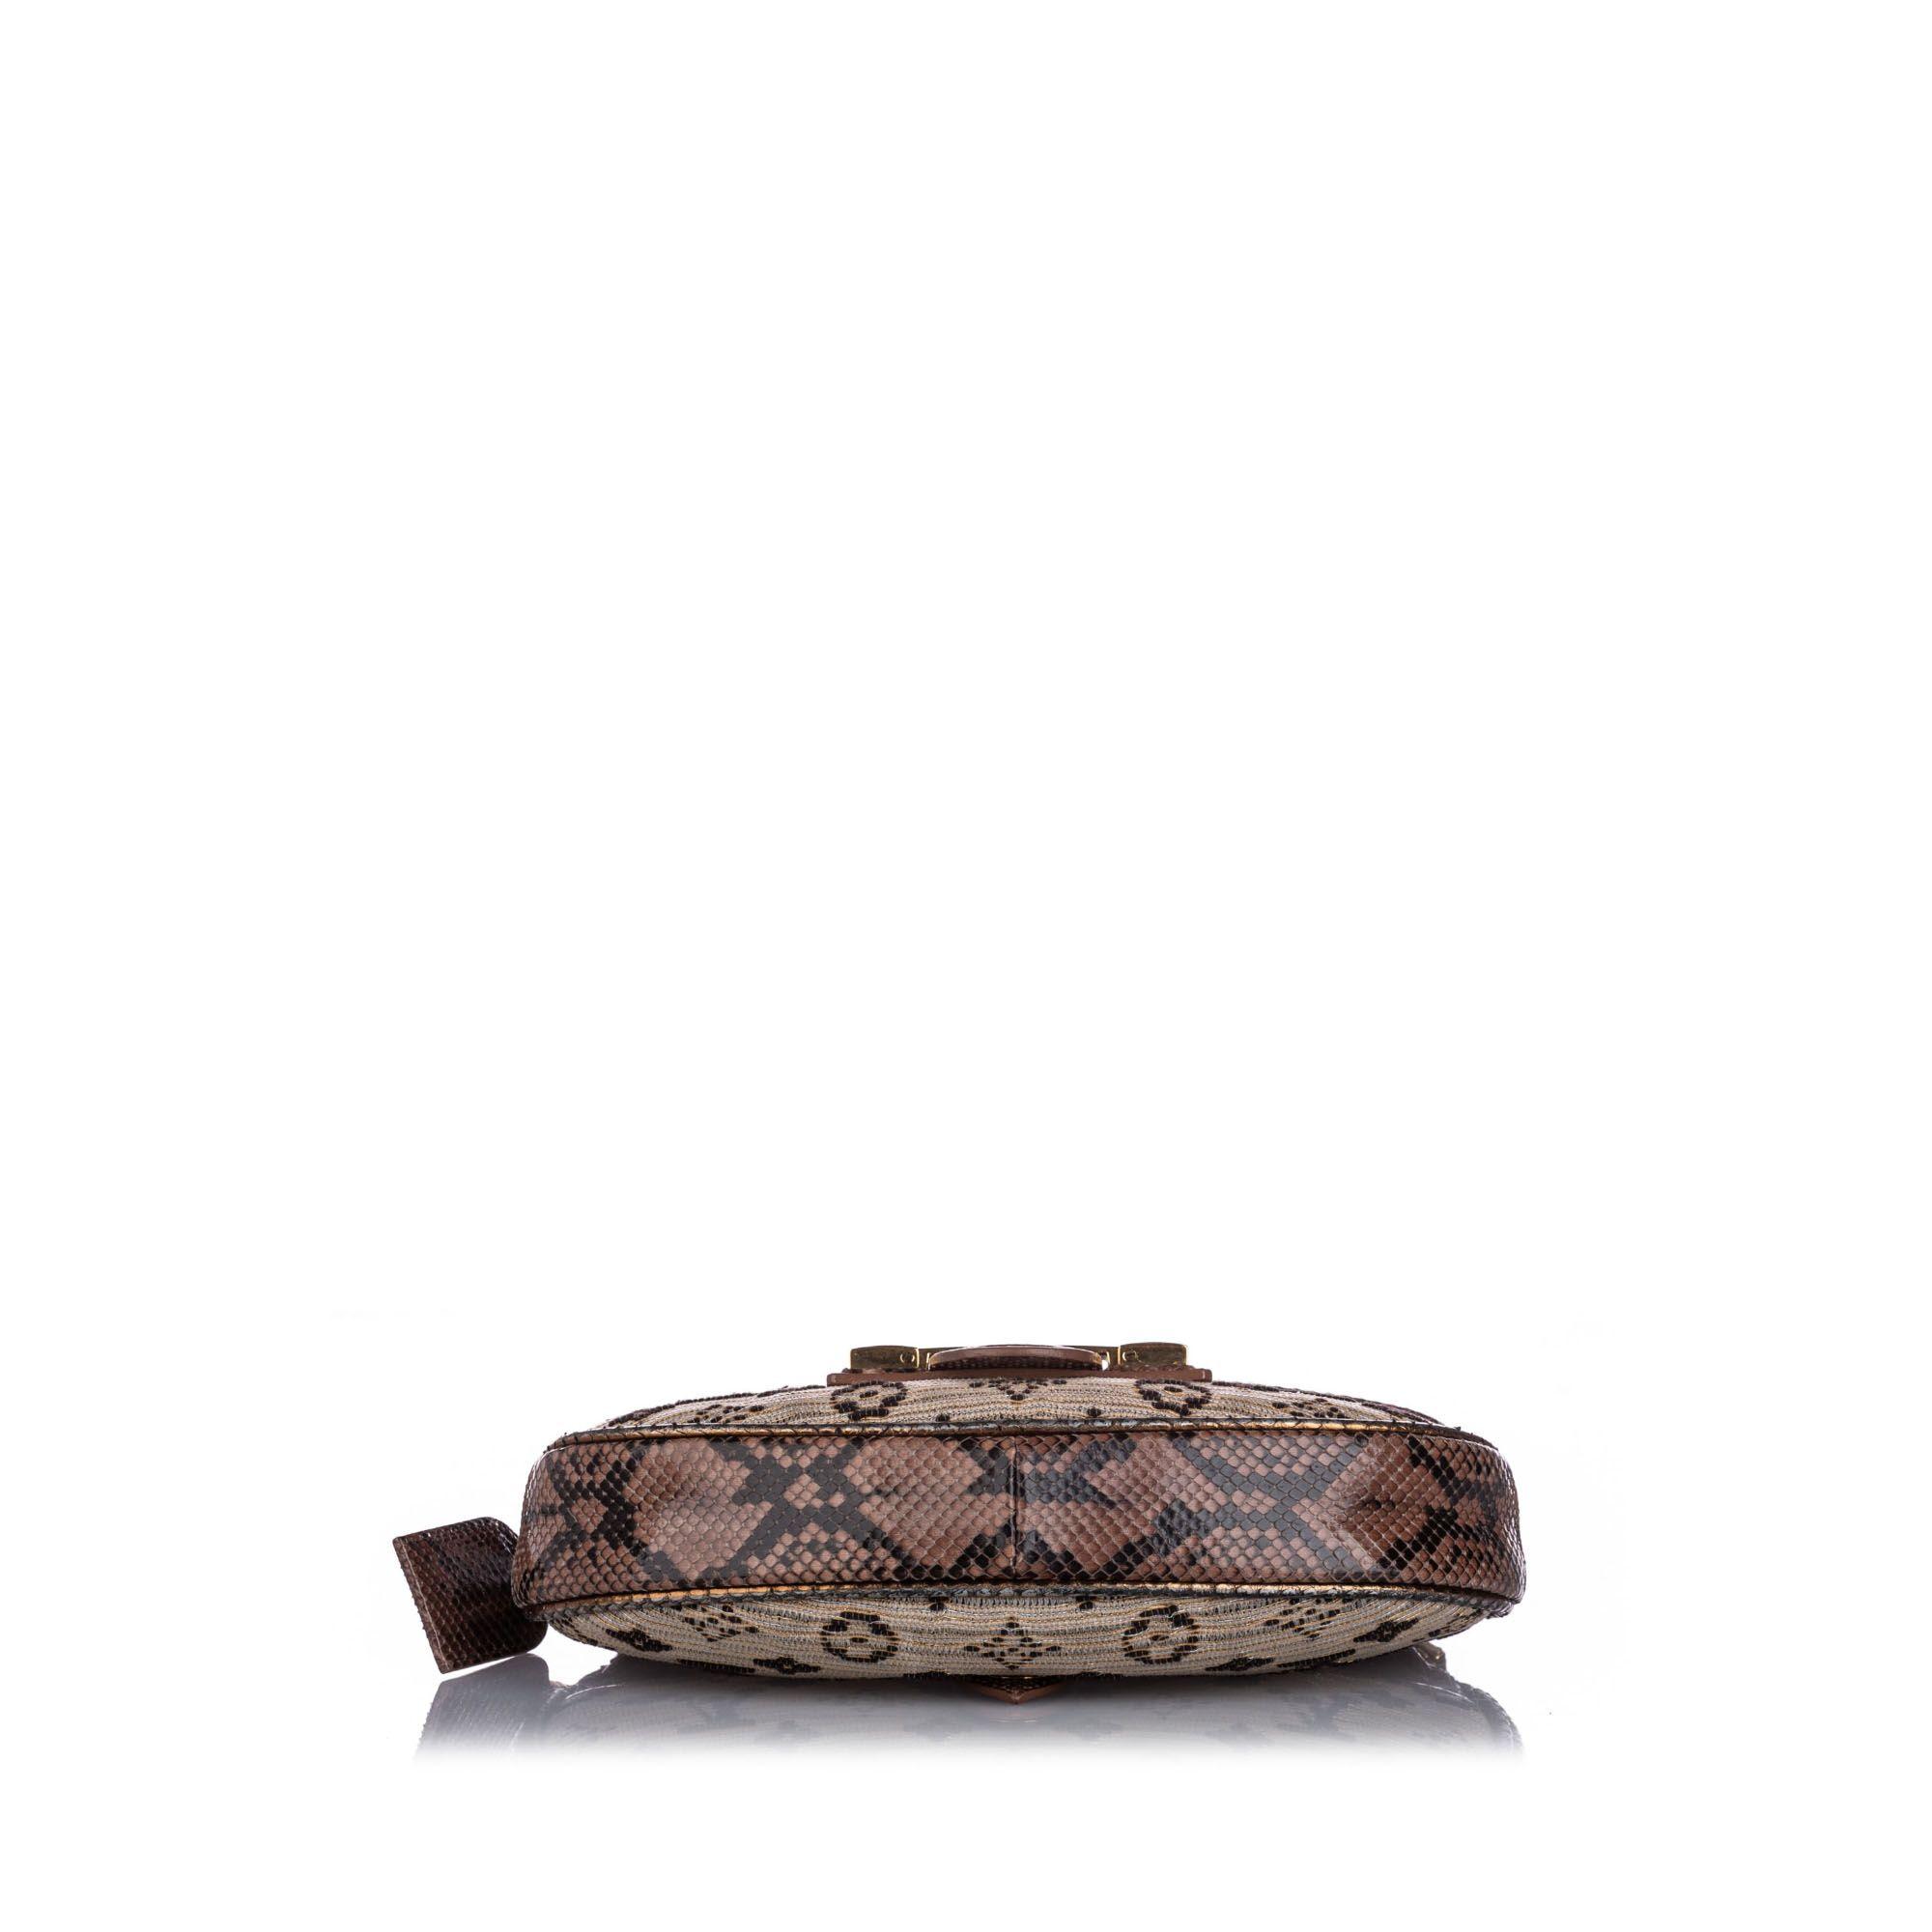 Vintage Louis Vuitton Monogram Empire Levant Brown